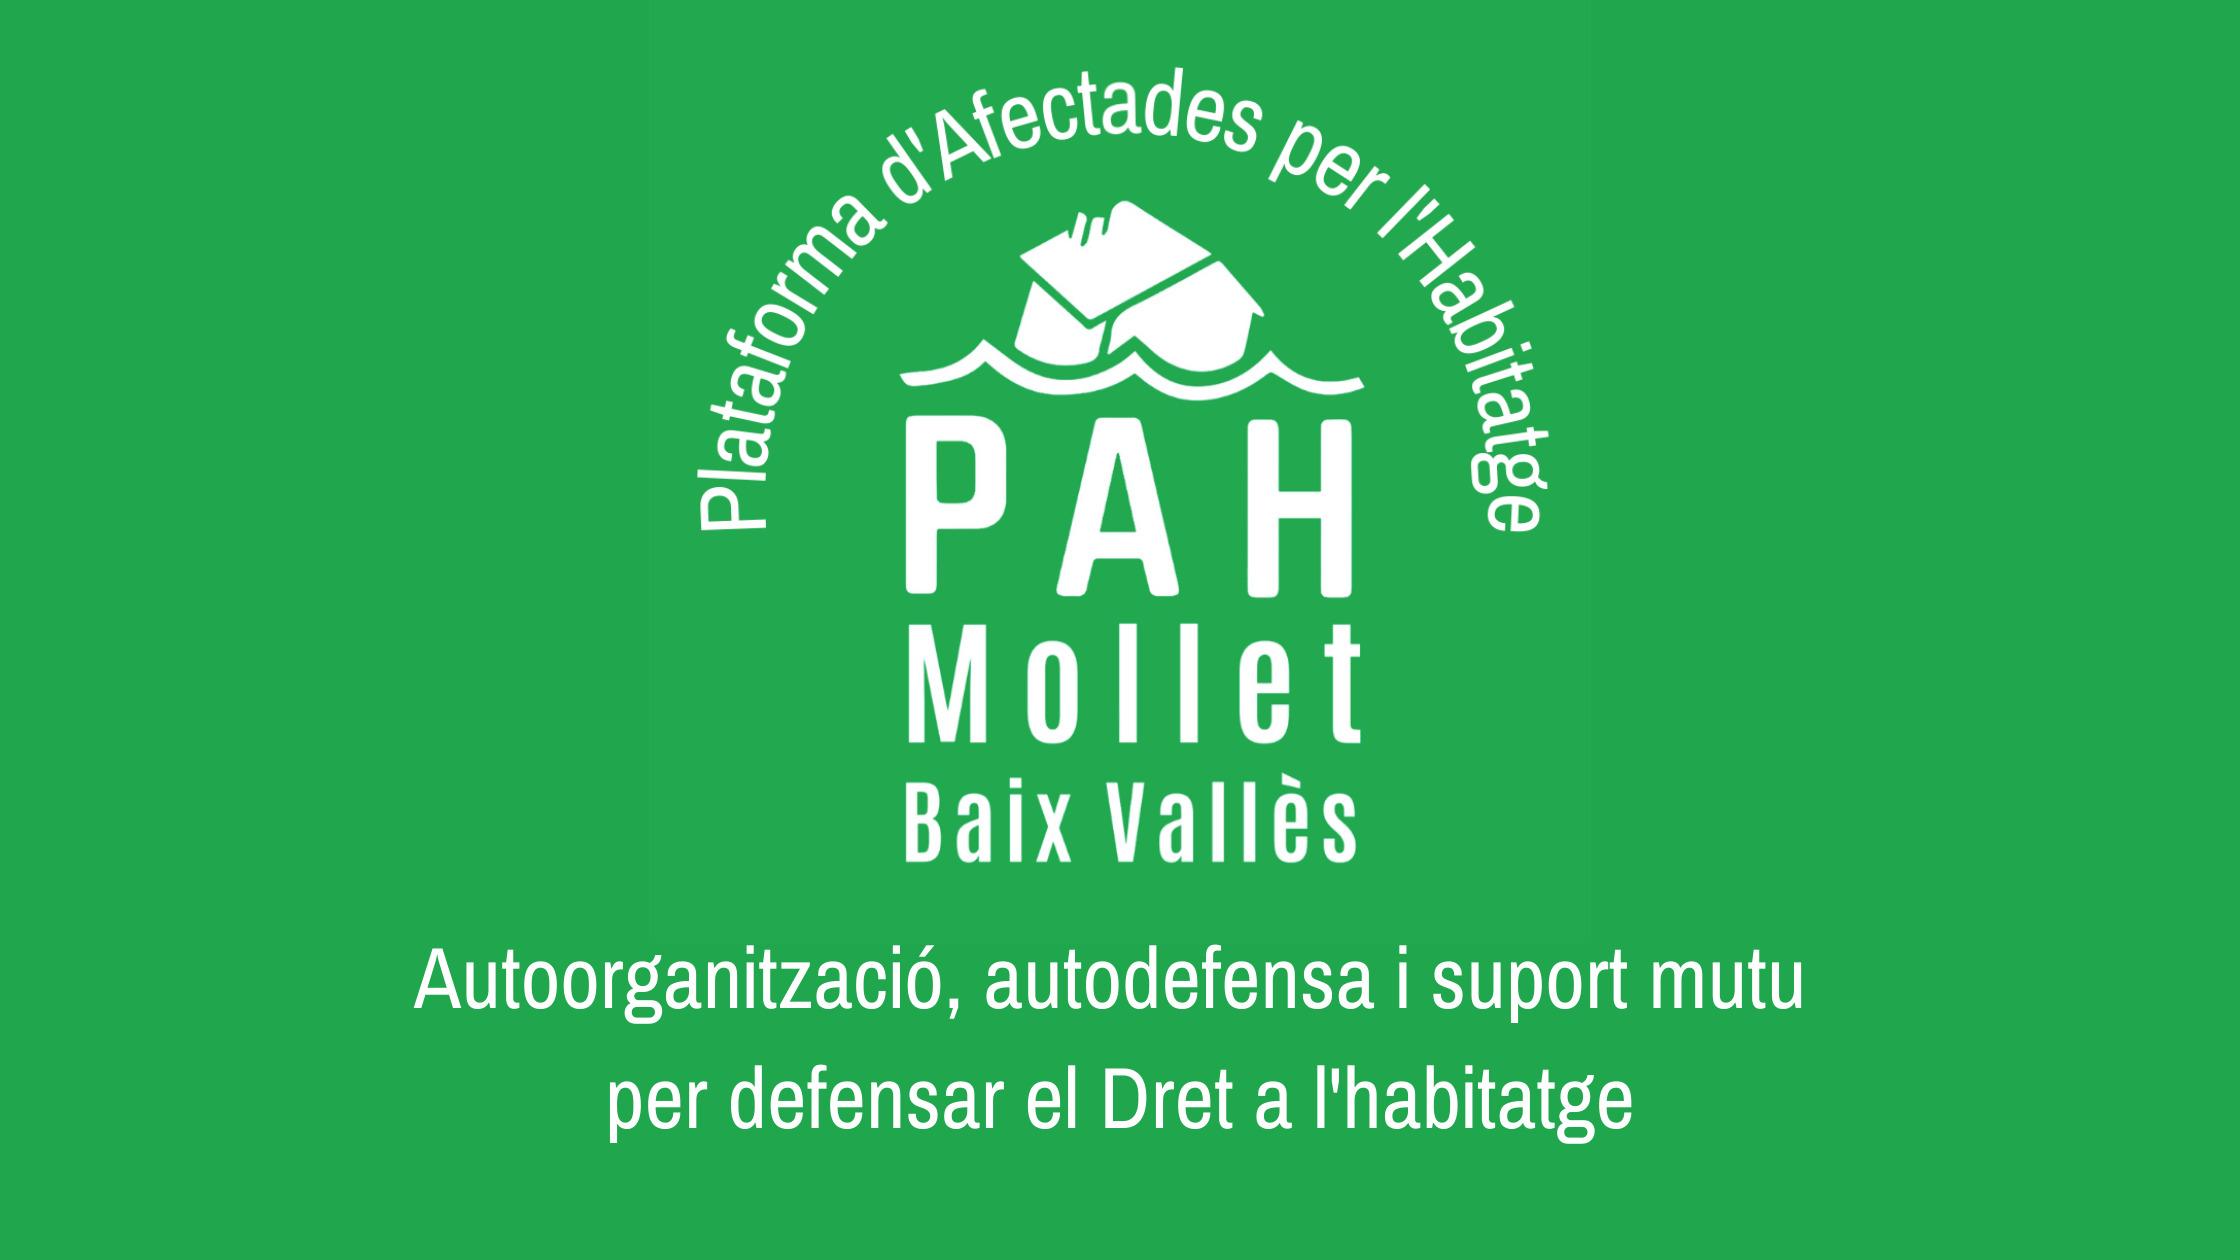 Ampliamos zona de cobertura y nos convertimos en Plataforma d'Afectades per l'Habitatge – PAH Mollet Baix Vallés